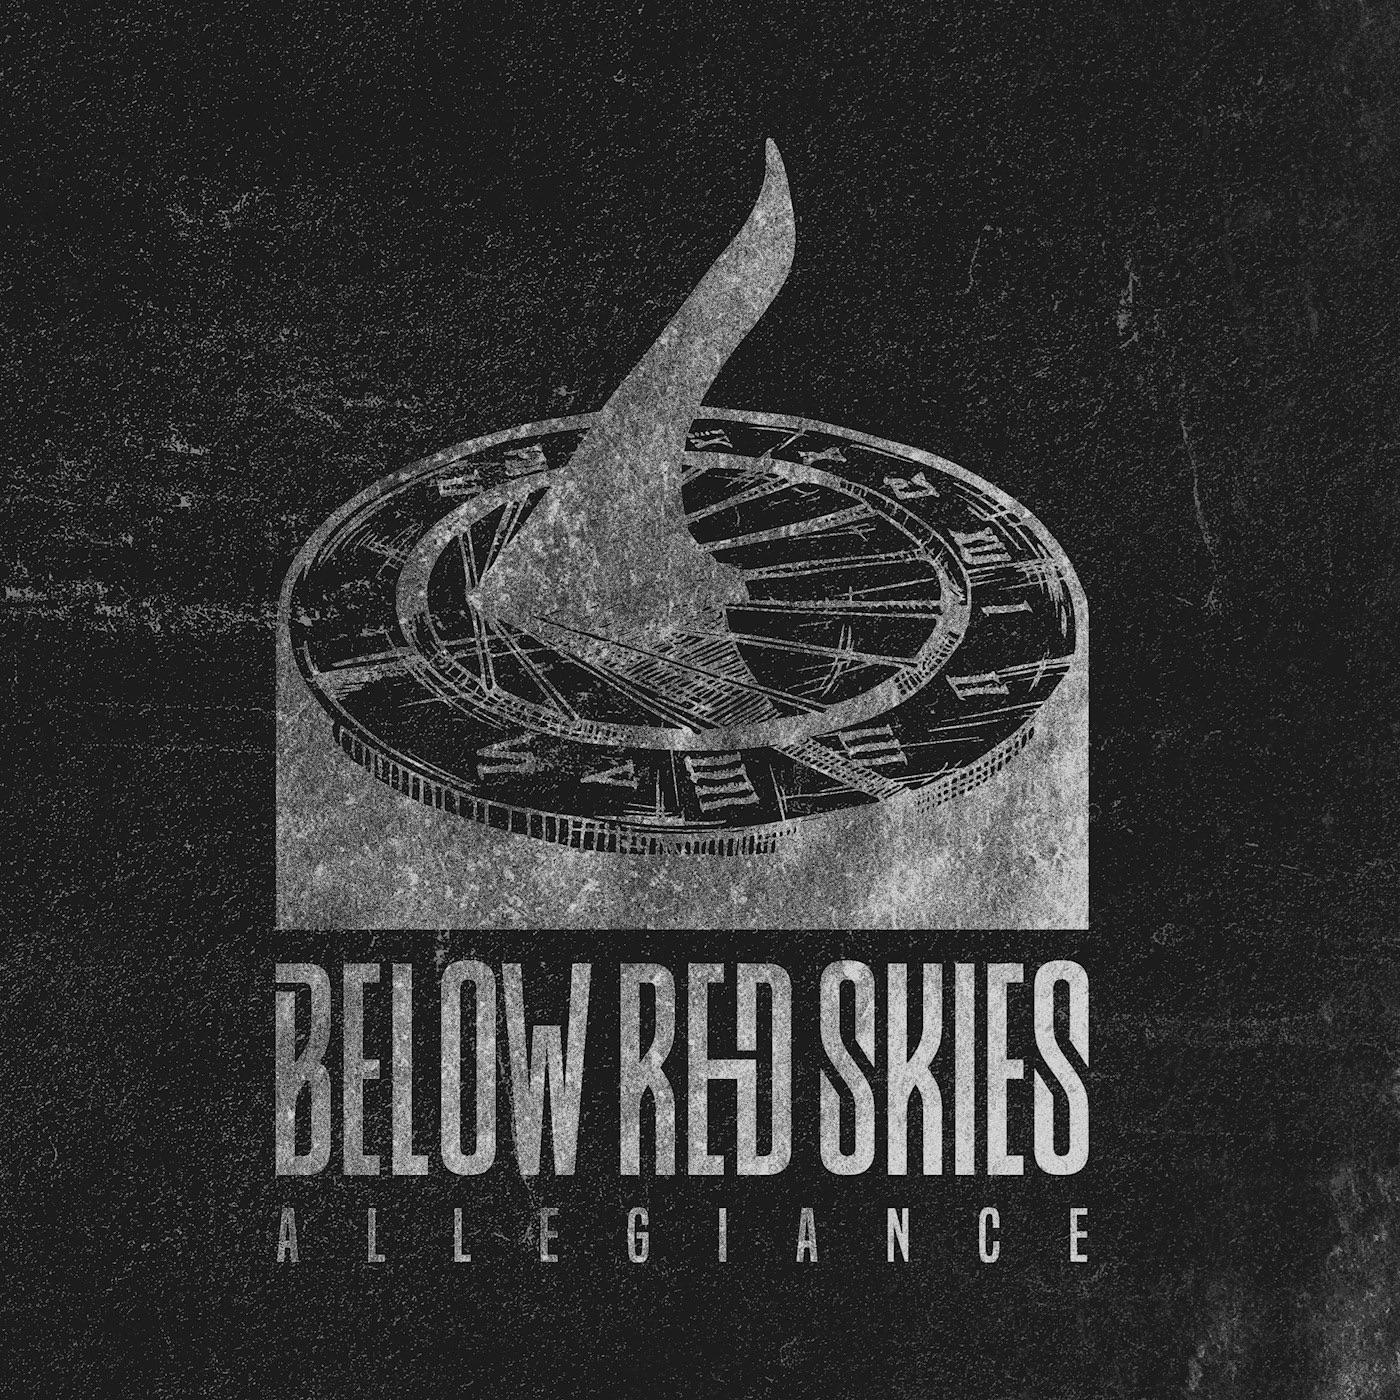 Below Red Skies - Allegiance [single] (2018)